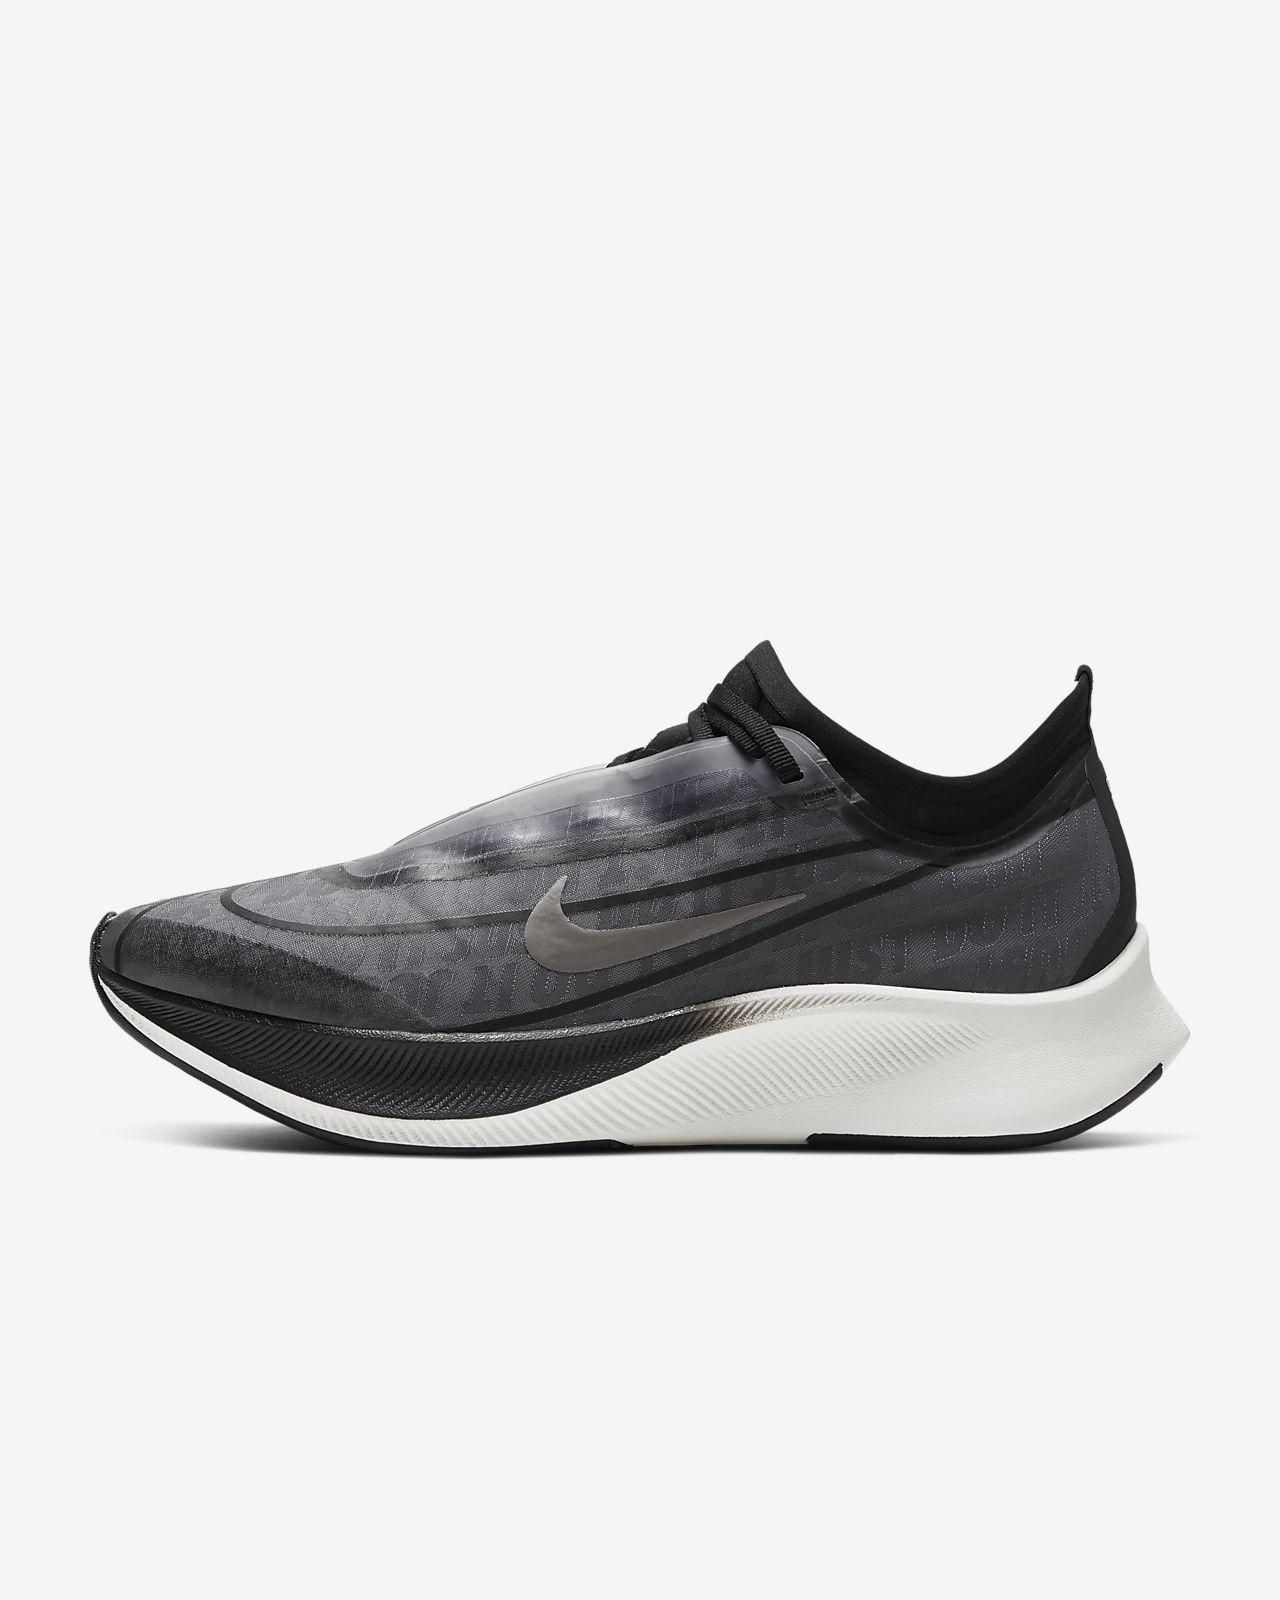 รองเท้าวิ่งผู้หญิง Nike Zoom Fly 3